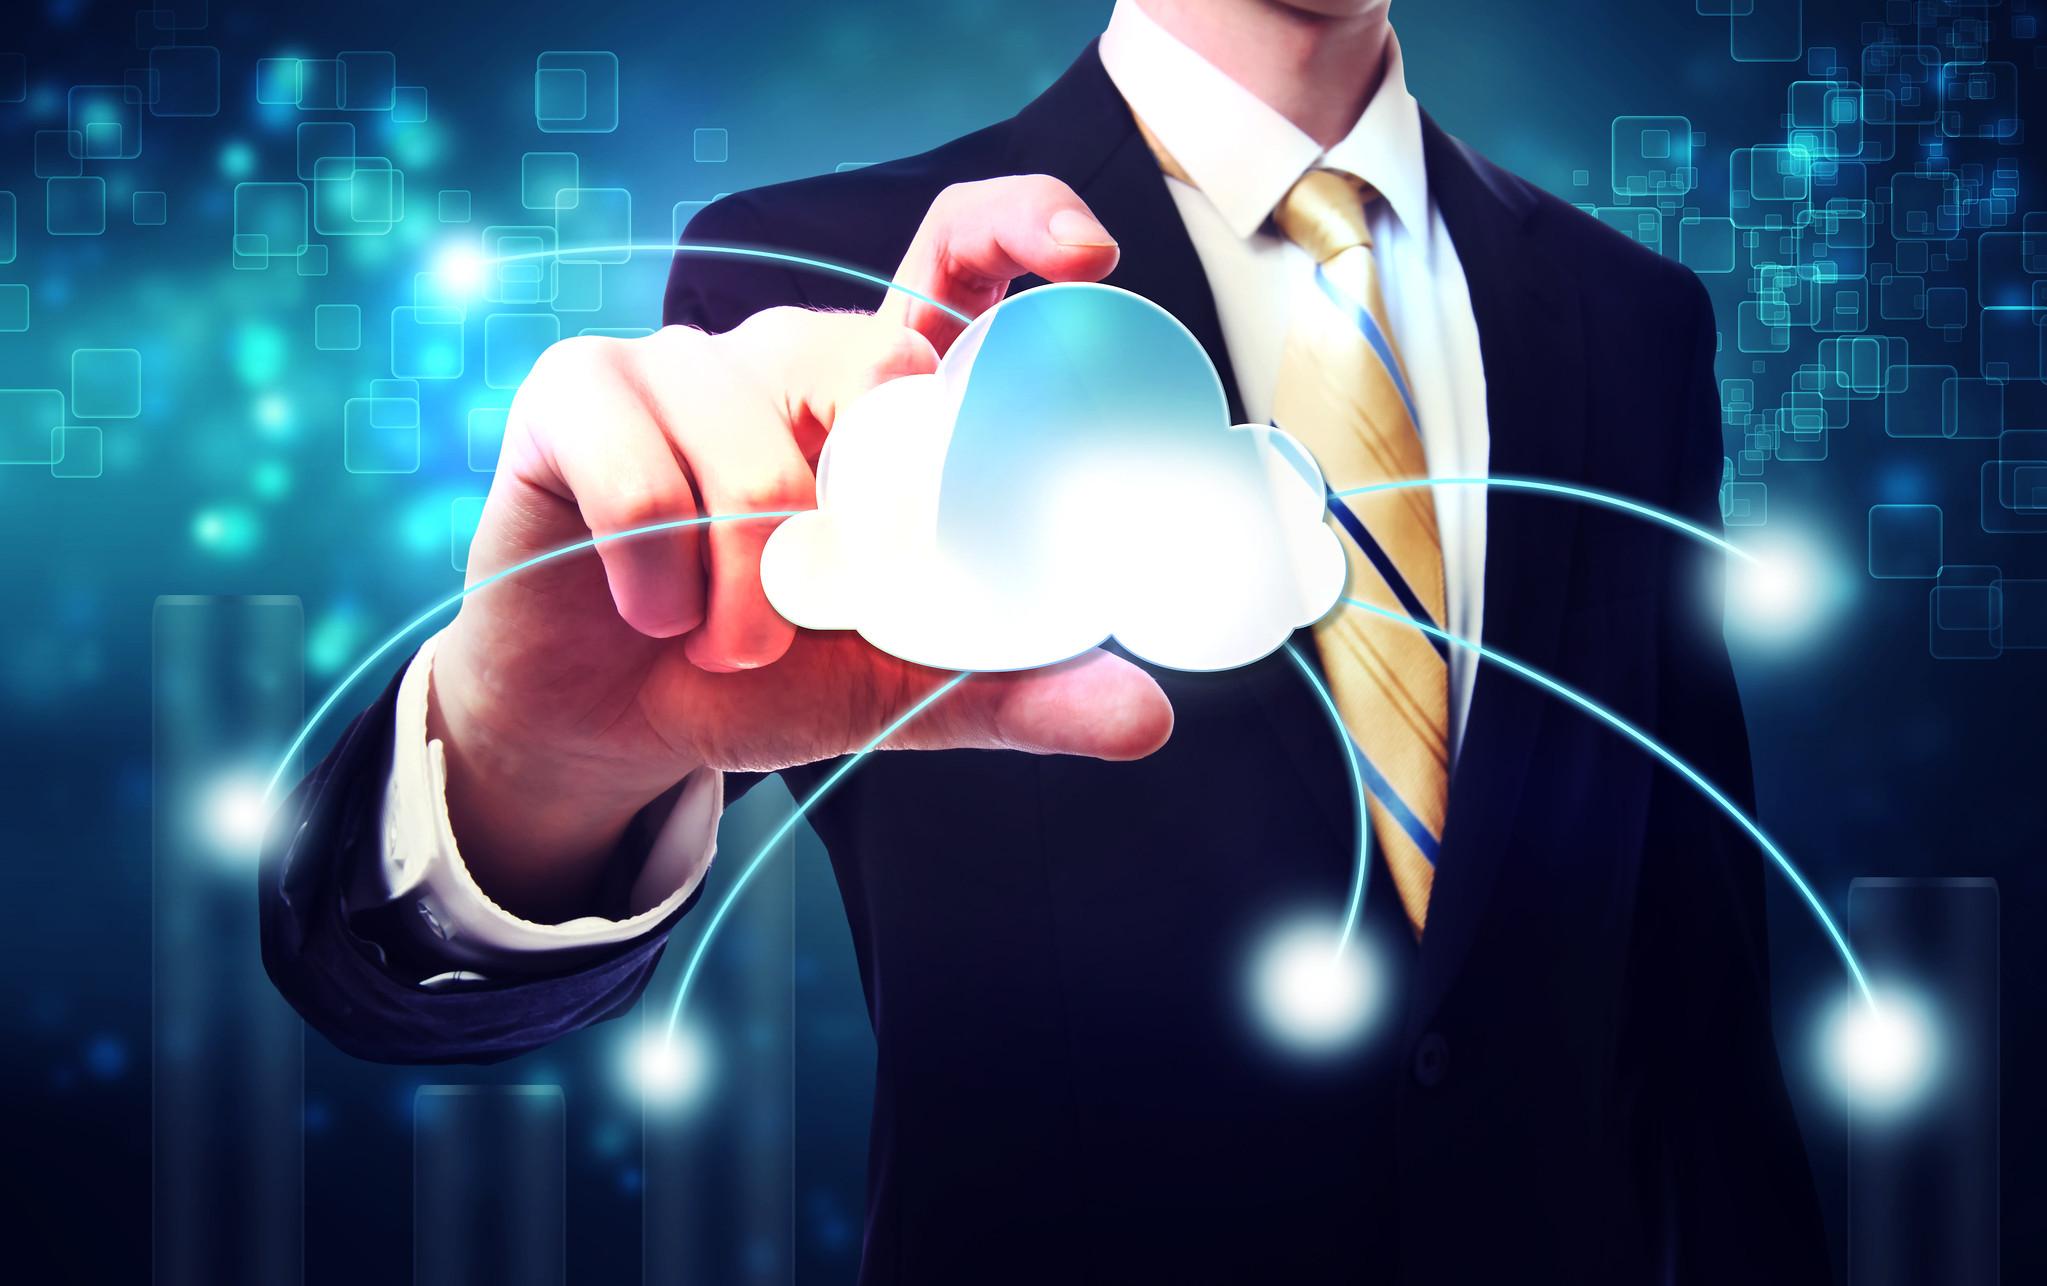 研究:多雲策略可能提高安全風險